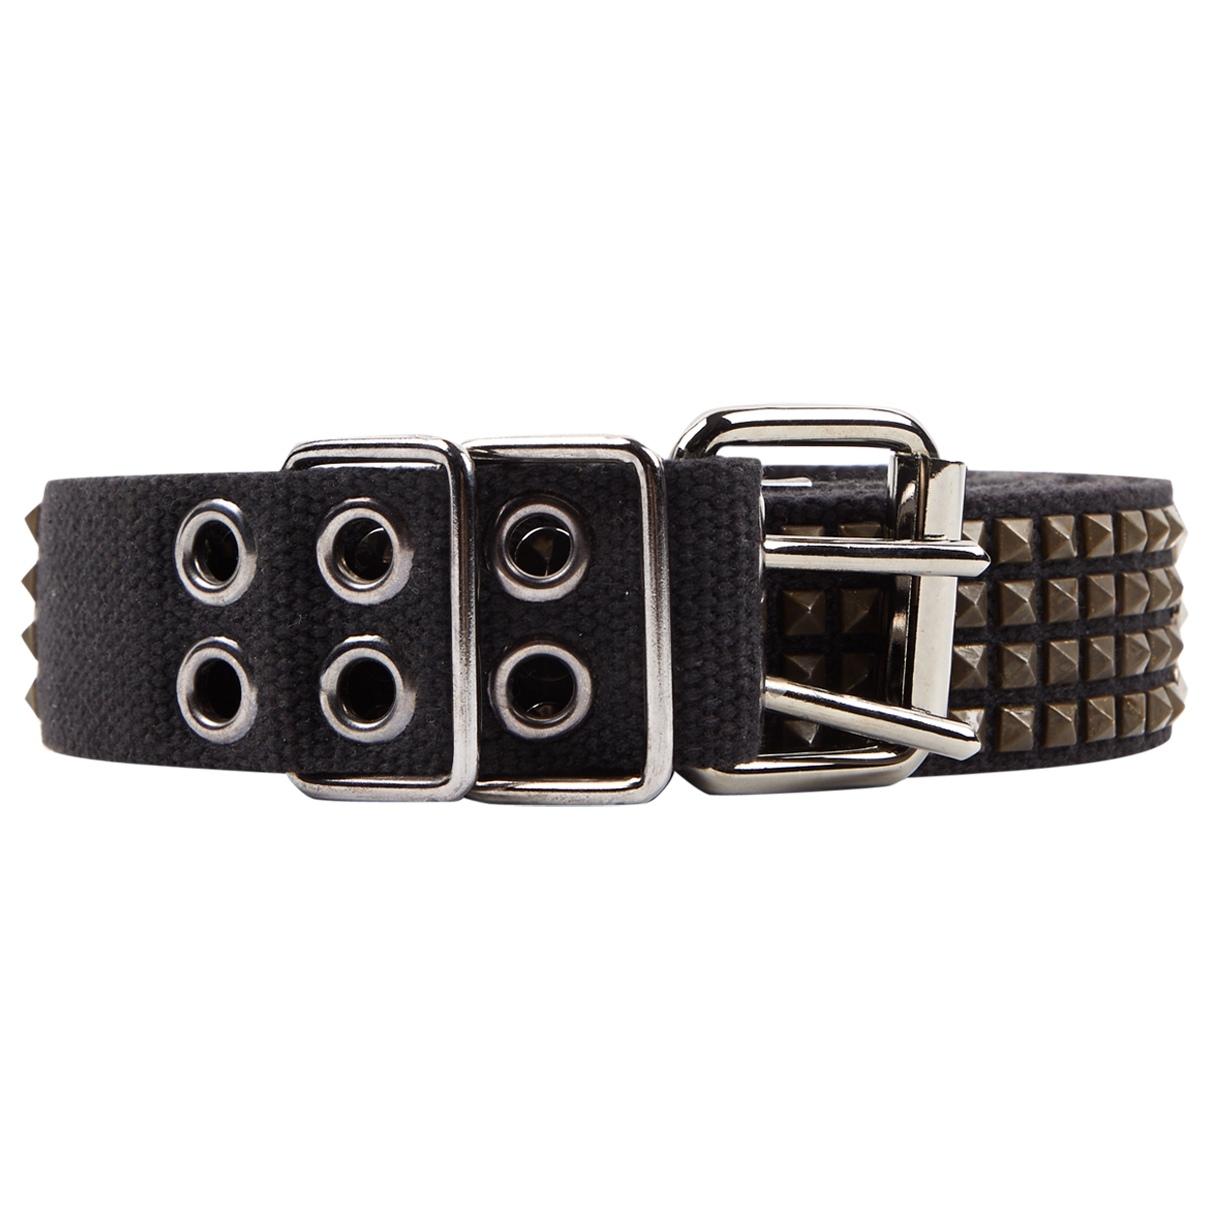 Cinturon de Lona Balmain